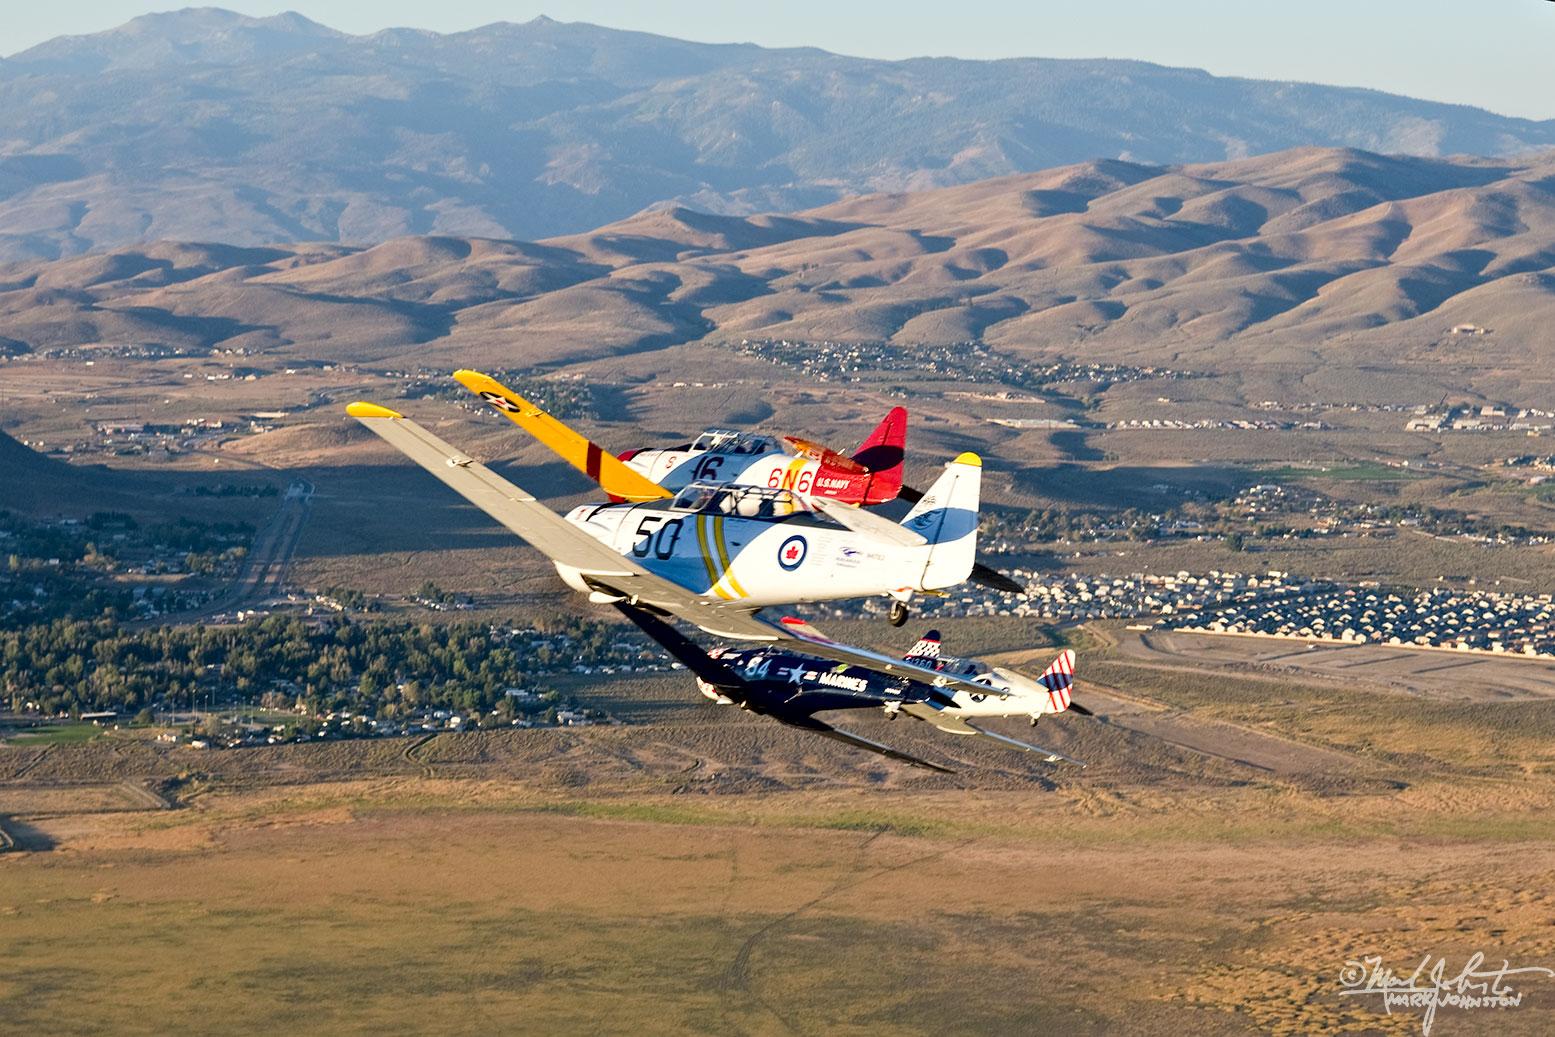 North American AT-6 Class aircraft at the Reno Air Races.